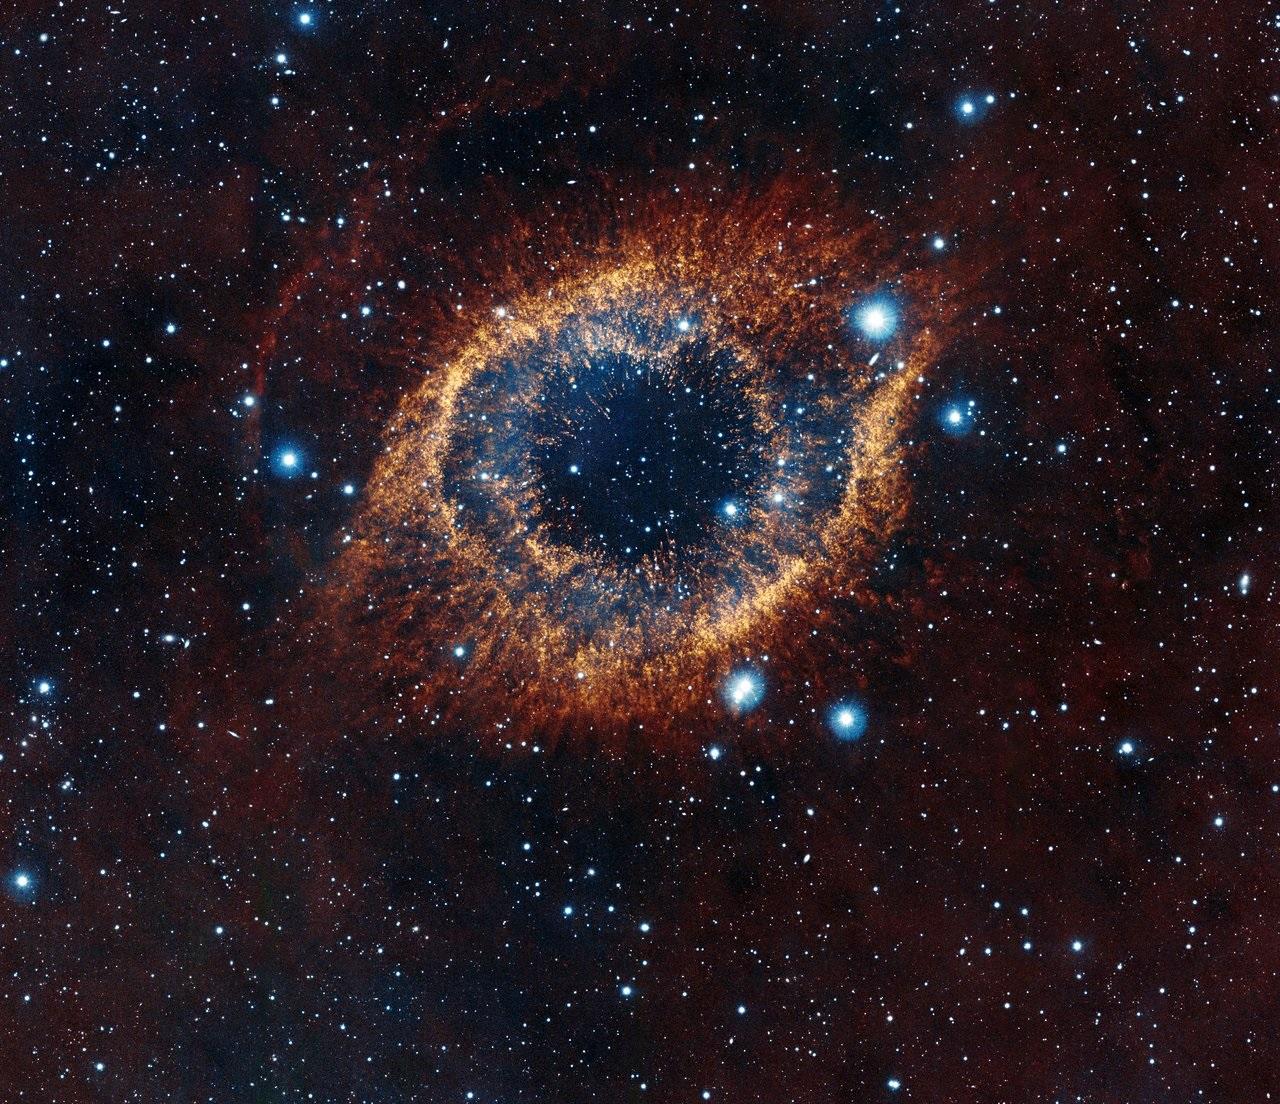 საიდან მოვიდა დედამიწაზე ოქრო და სხვა მძიმე ელემენტები - ნეიტრონული ვარსკვლავებიდან თუ სუპერნოვებიდან